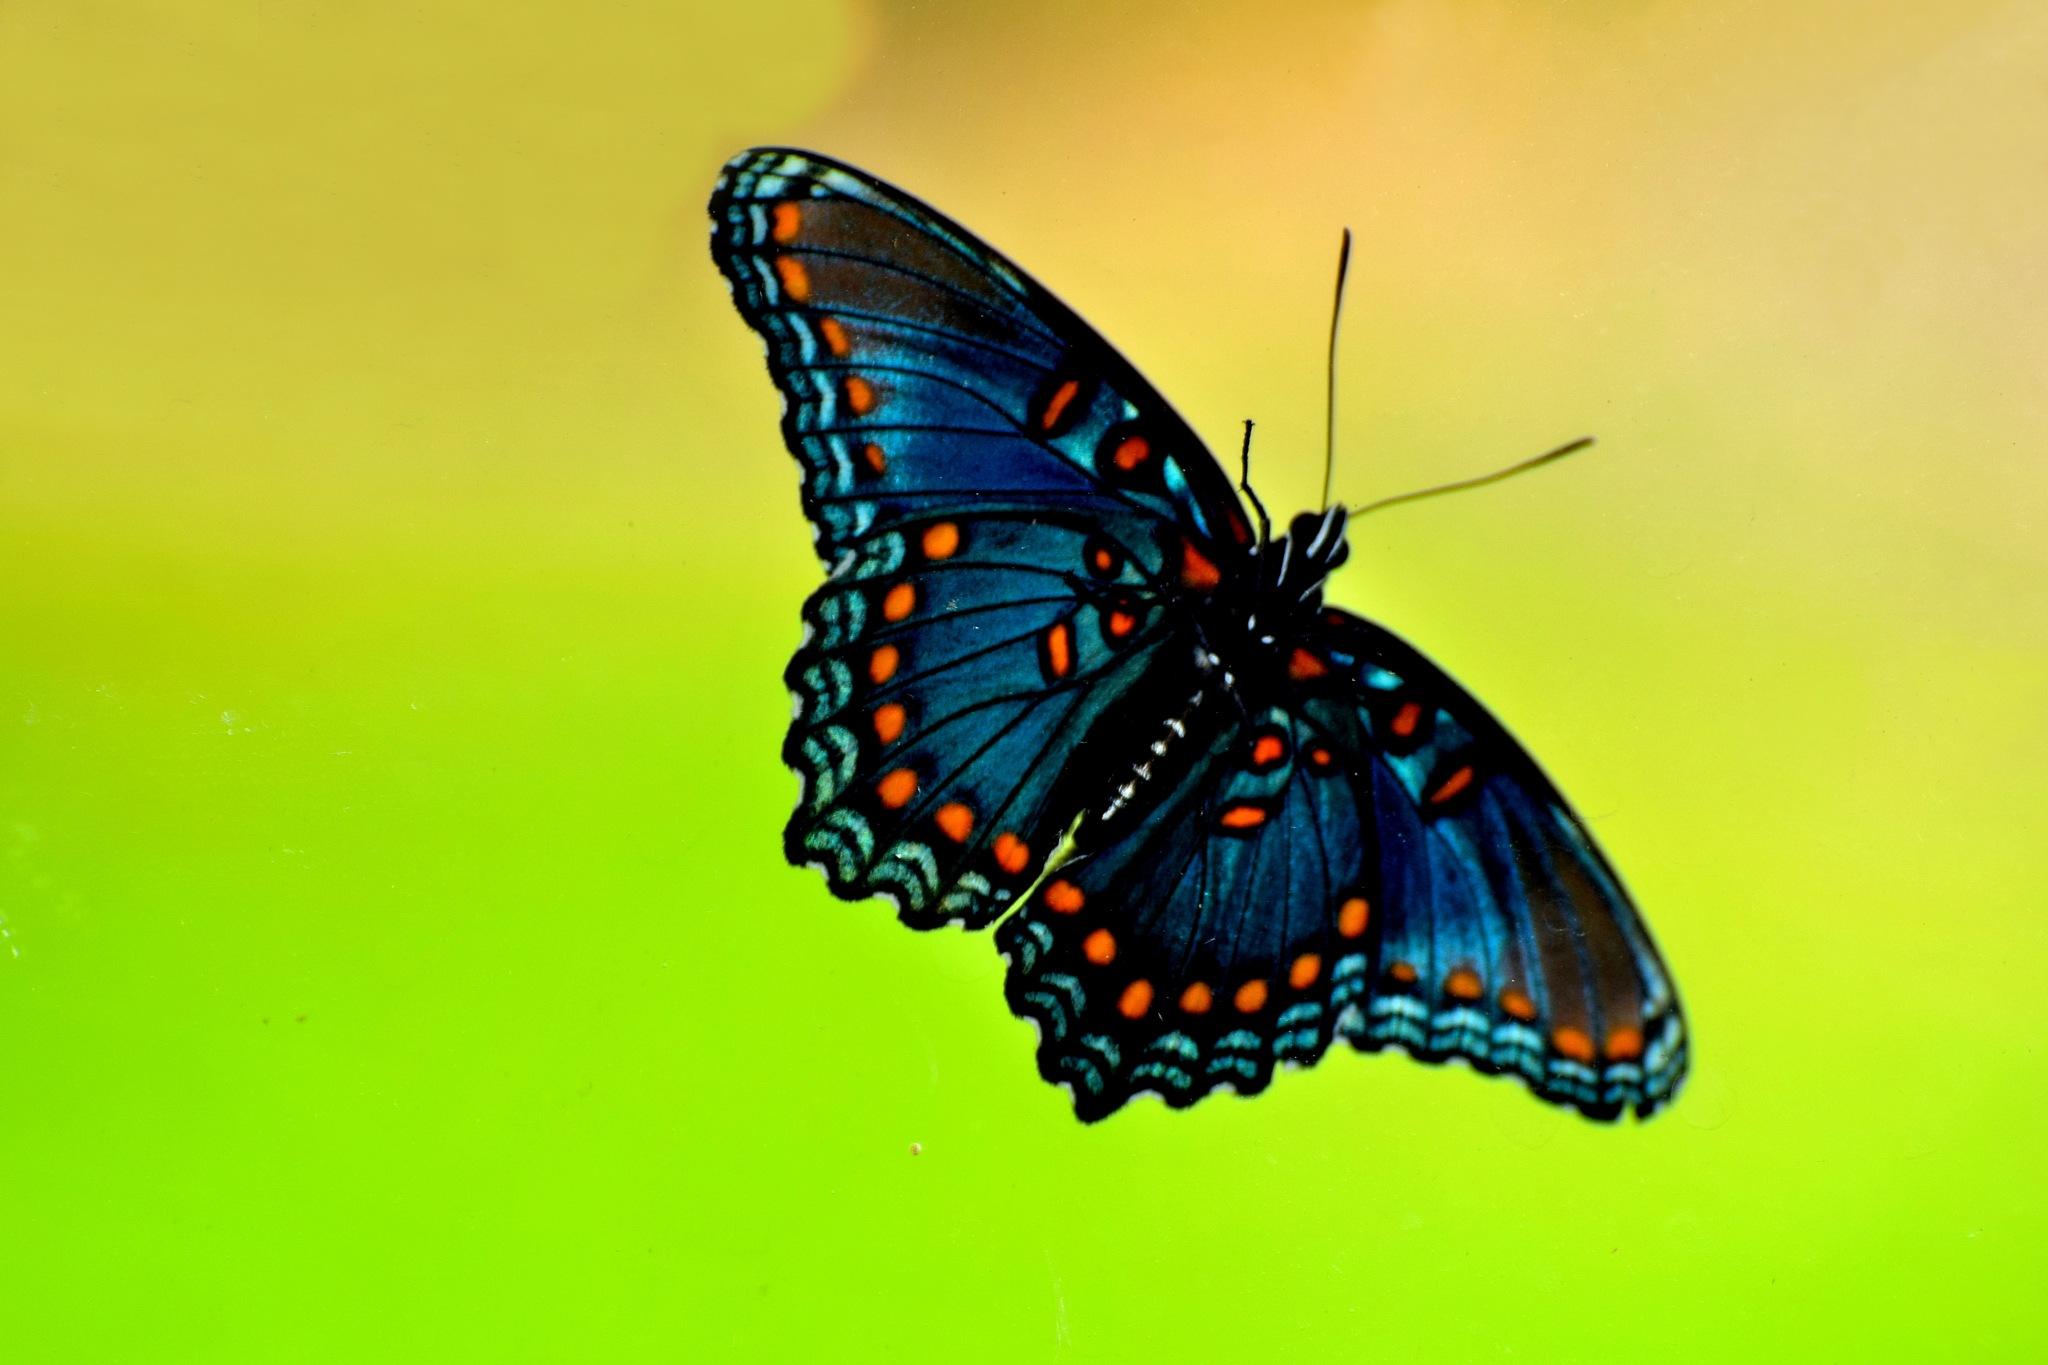 Butterfly Art 26 by Lawrence Scott Hess